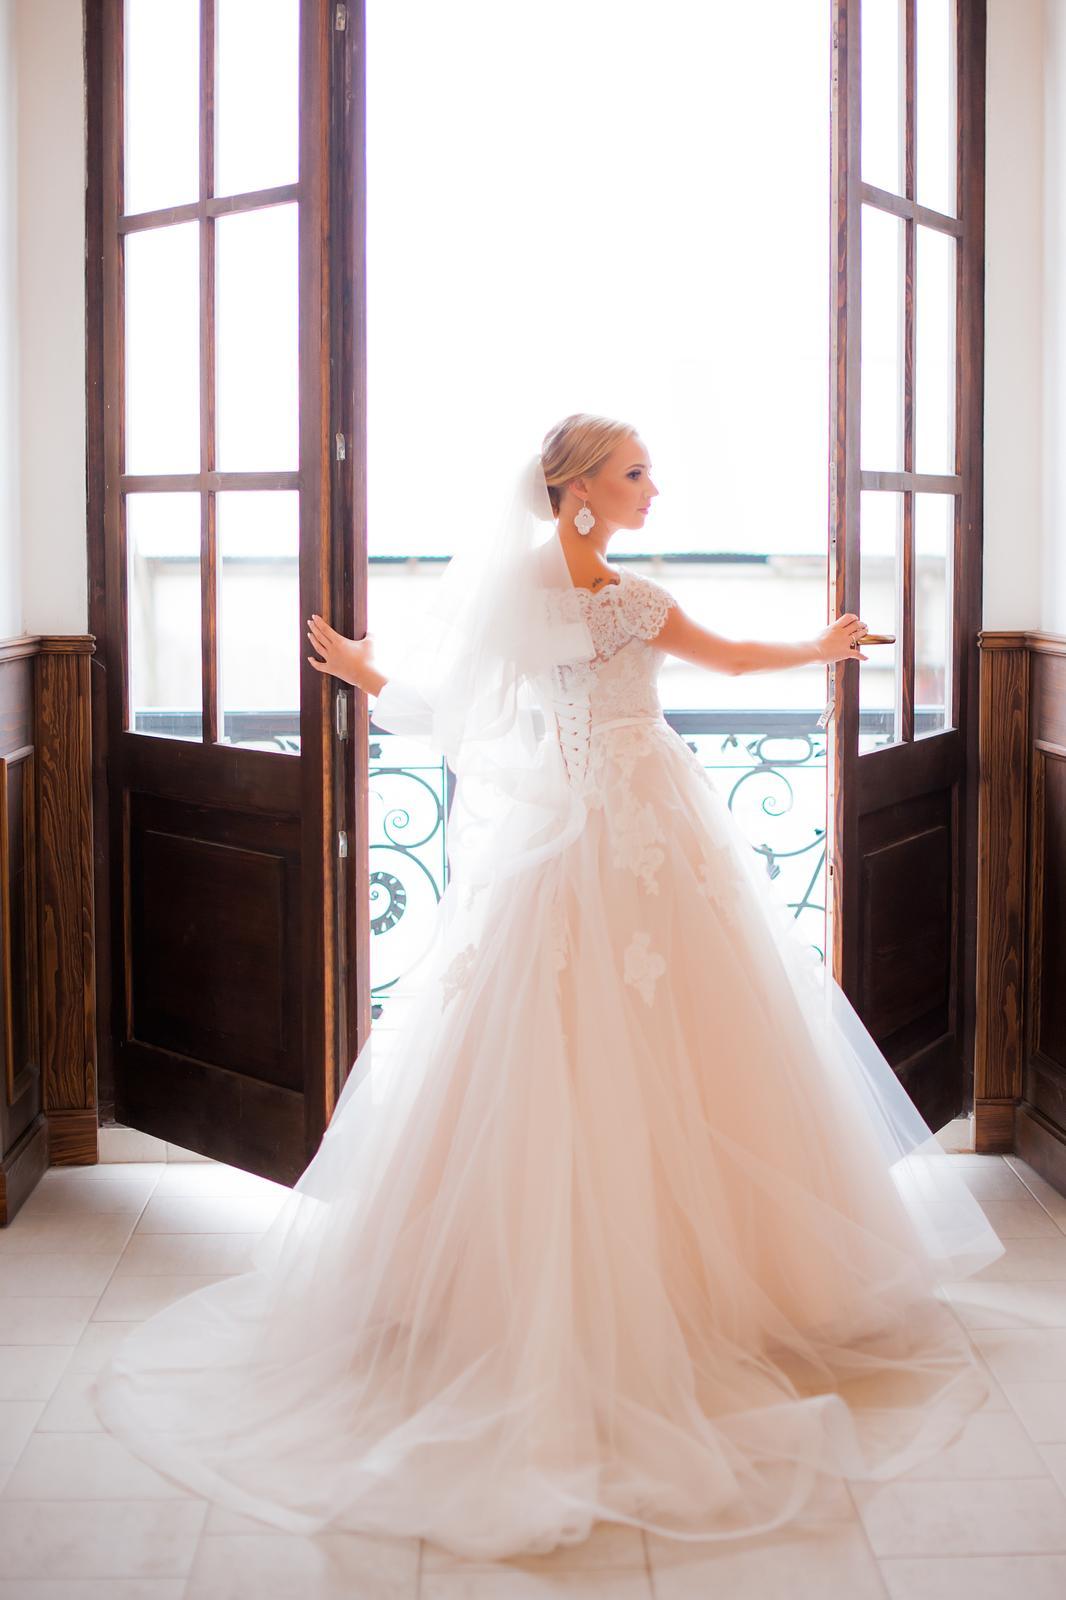 Svadobné šaty pre malé nevesty - Obrázok č. 1